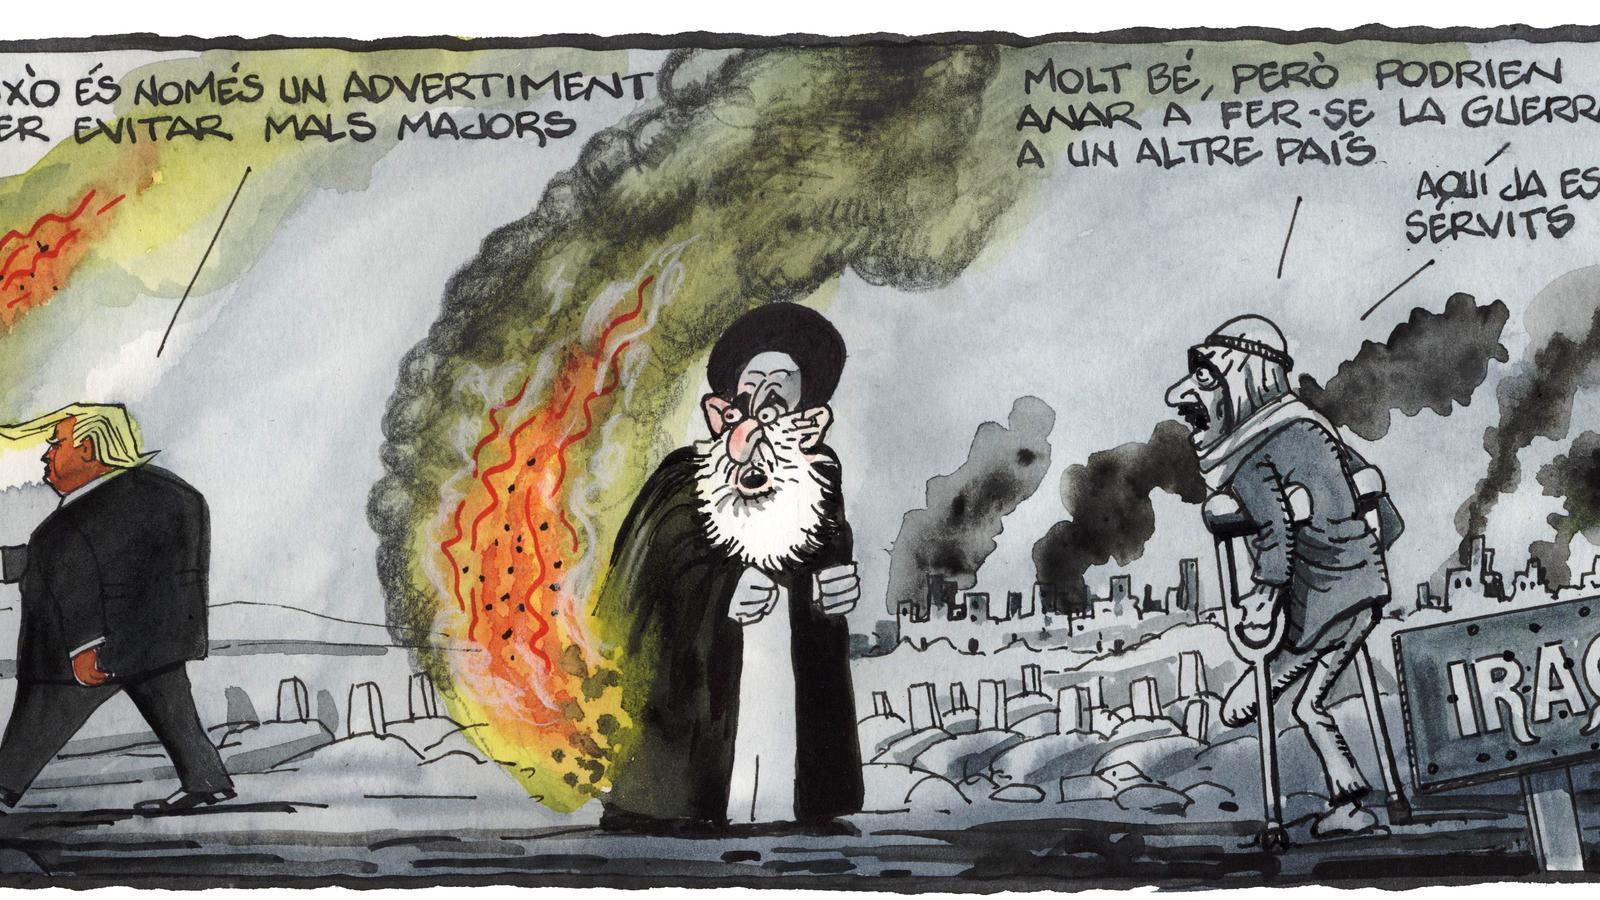 'A la contra', per Ferreres 11/01/2020